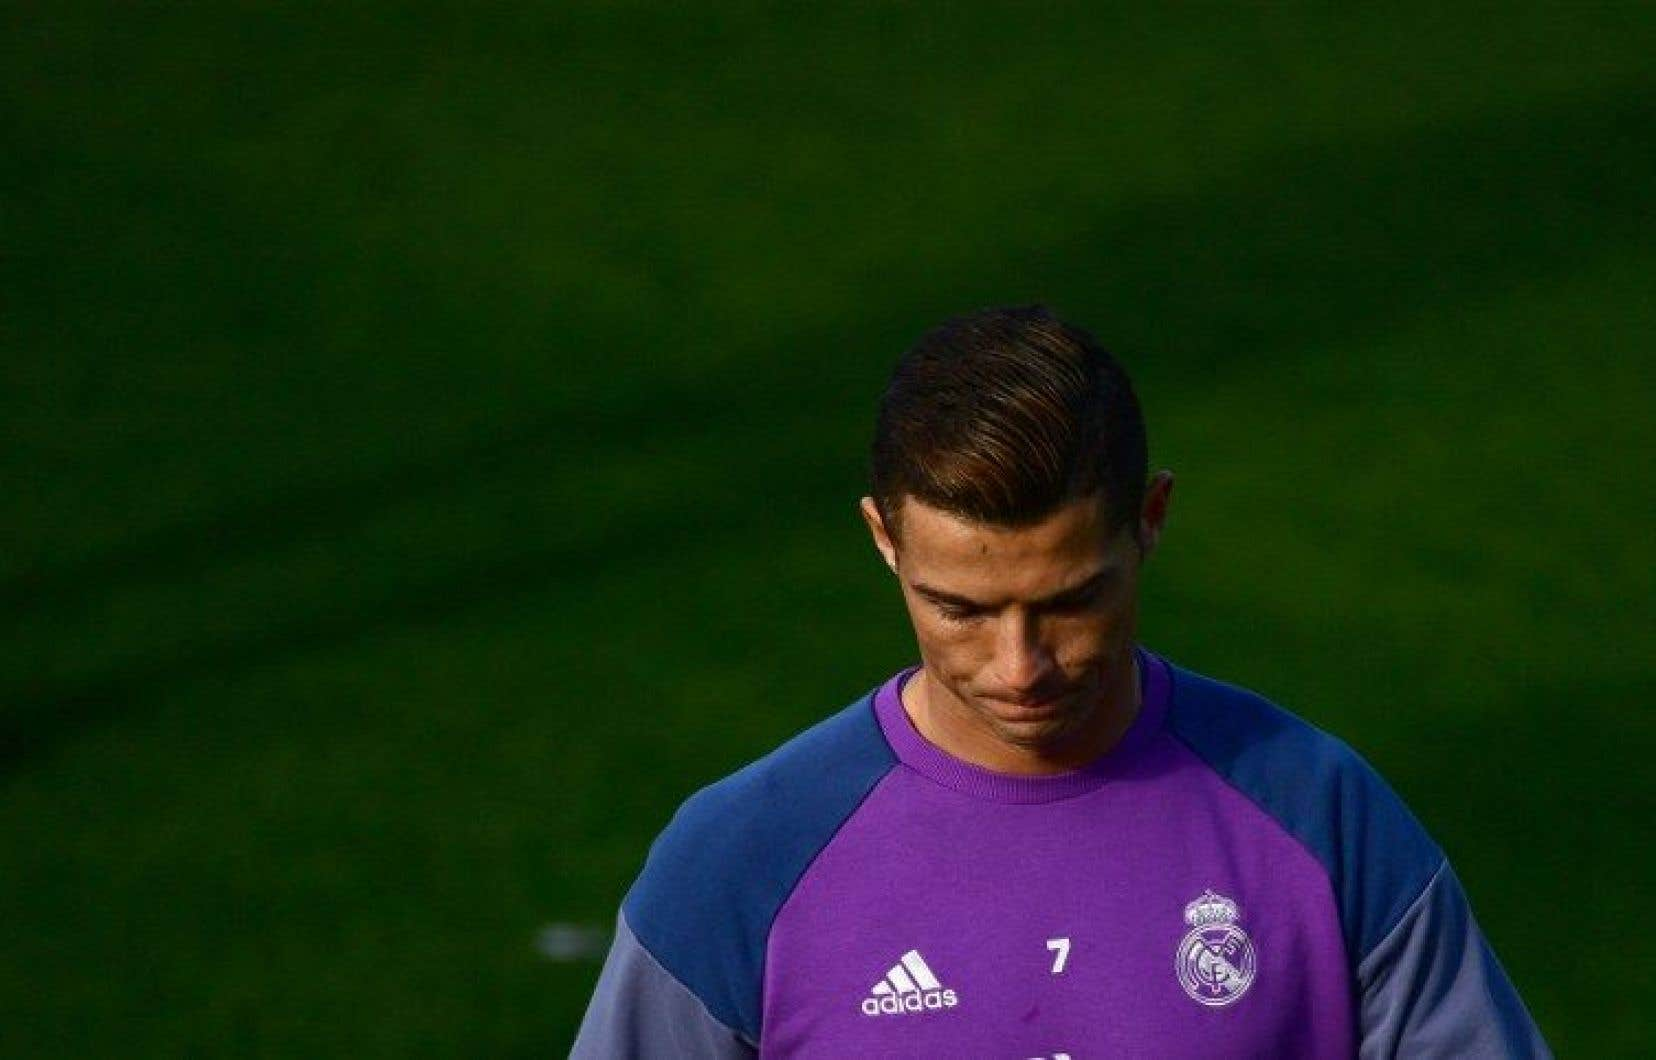 La vedette du Real Madrid Cristiano Ronaldo